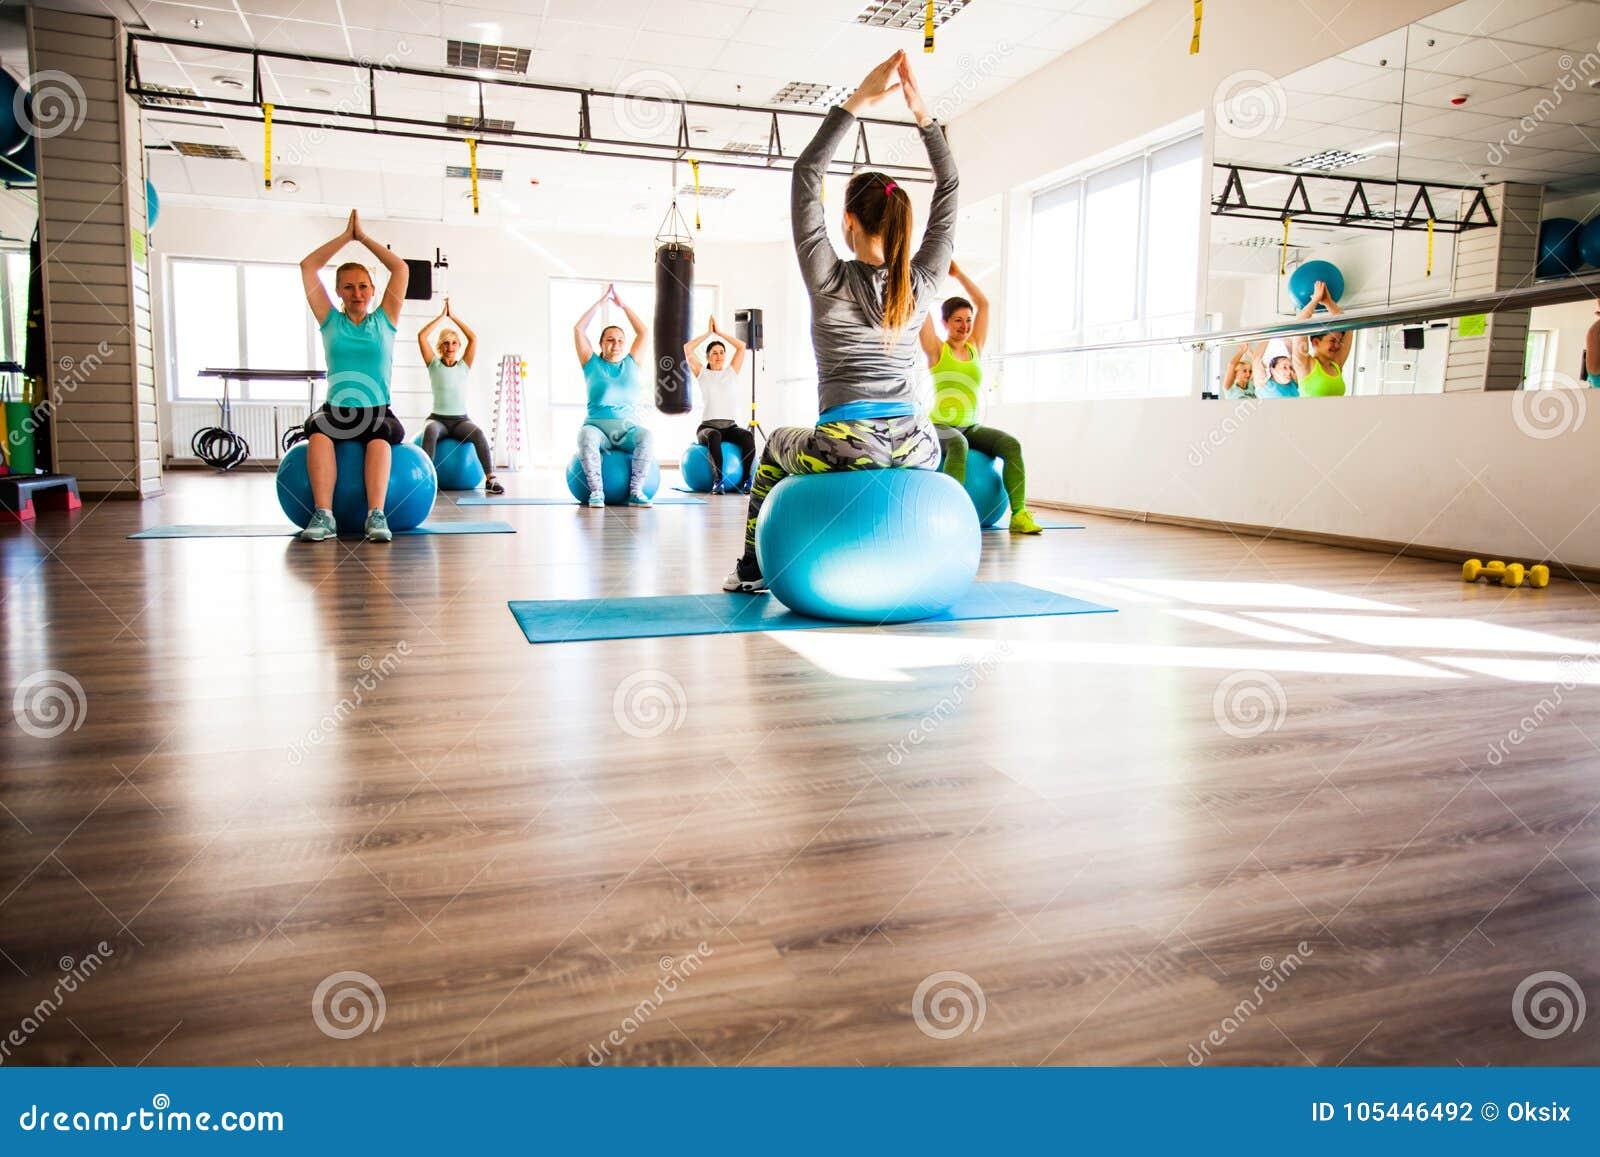 Mulheres envolvidas em Pilates